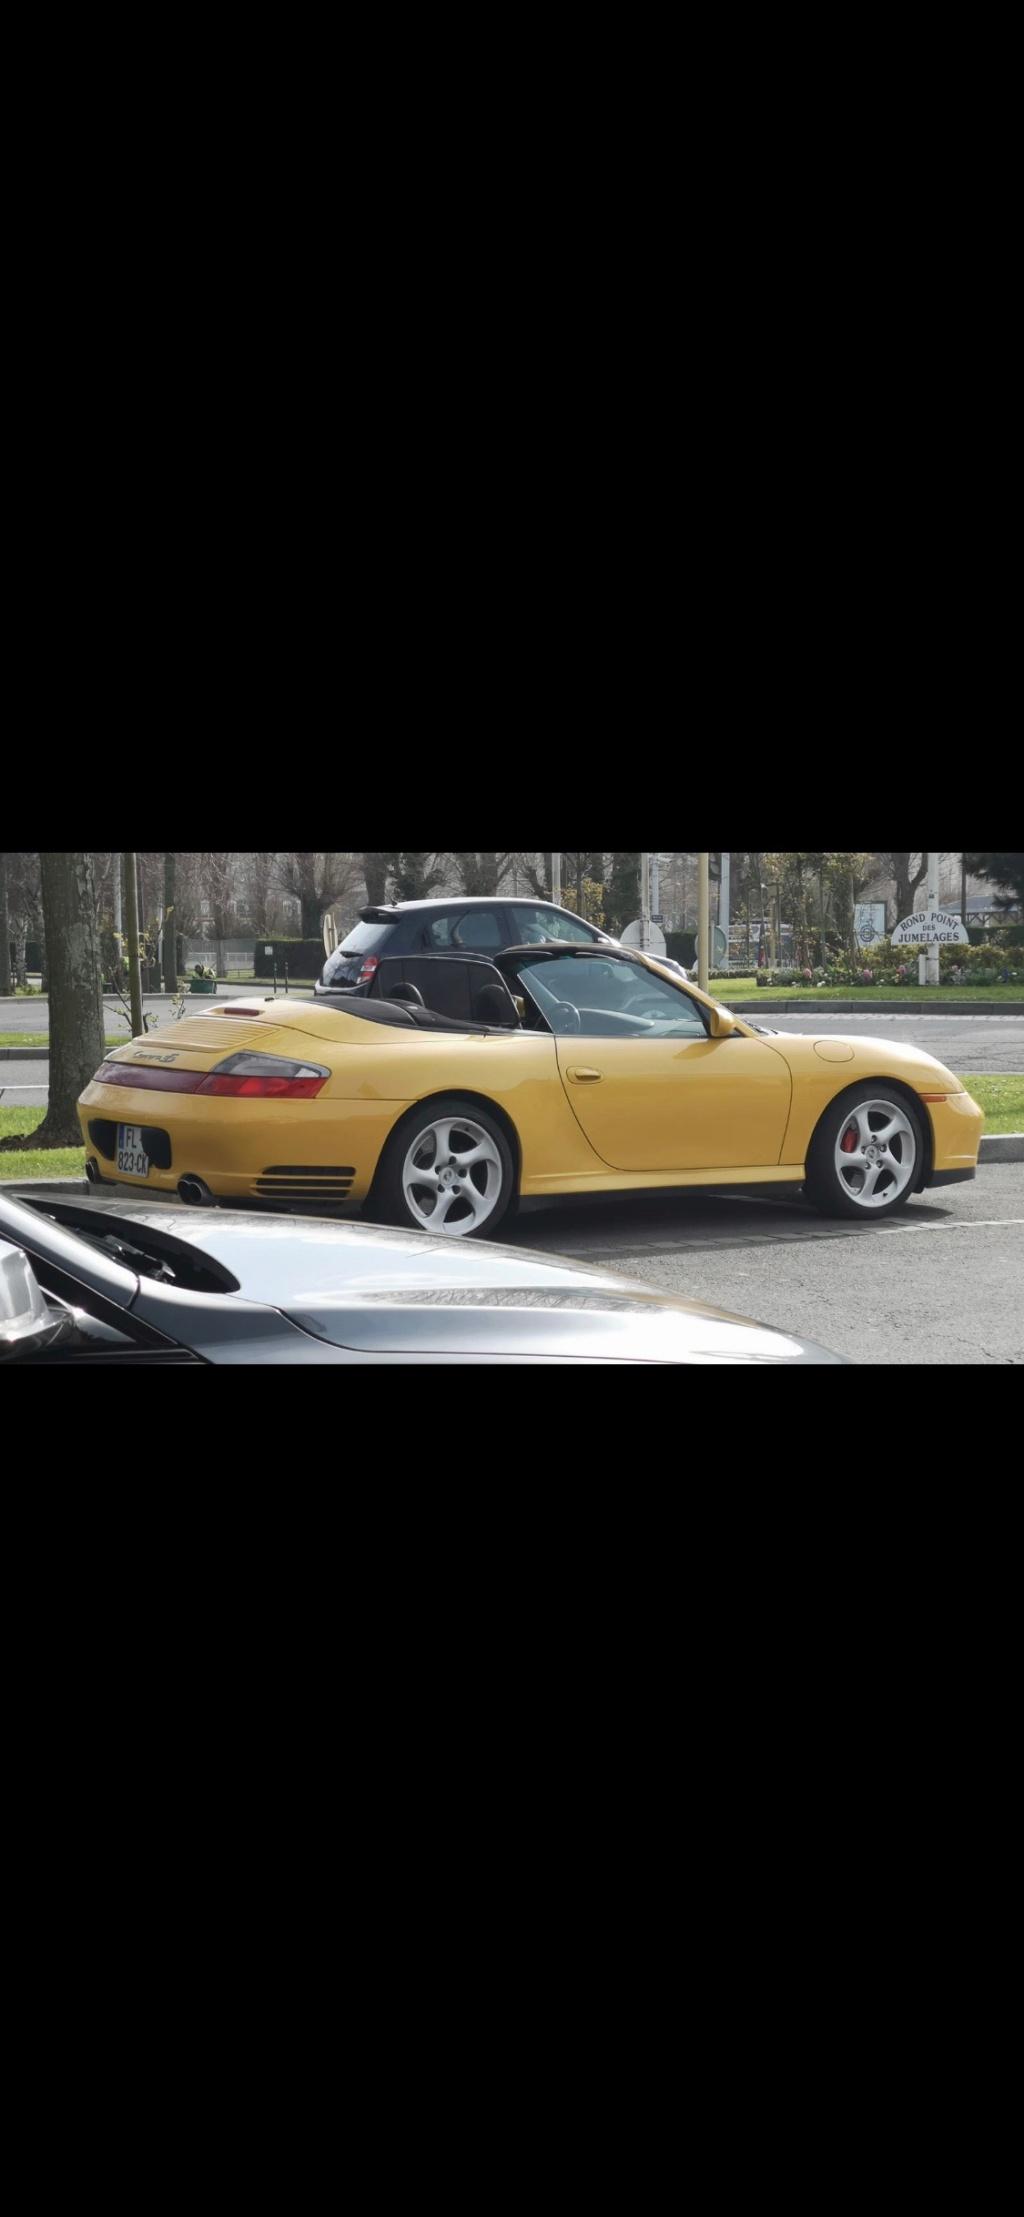 Est-ce risqué d'acheter une Porsche classic maintenant ? - Page 2 Img_2818